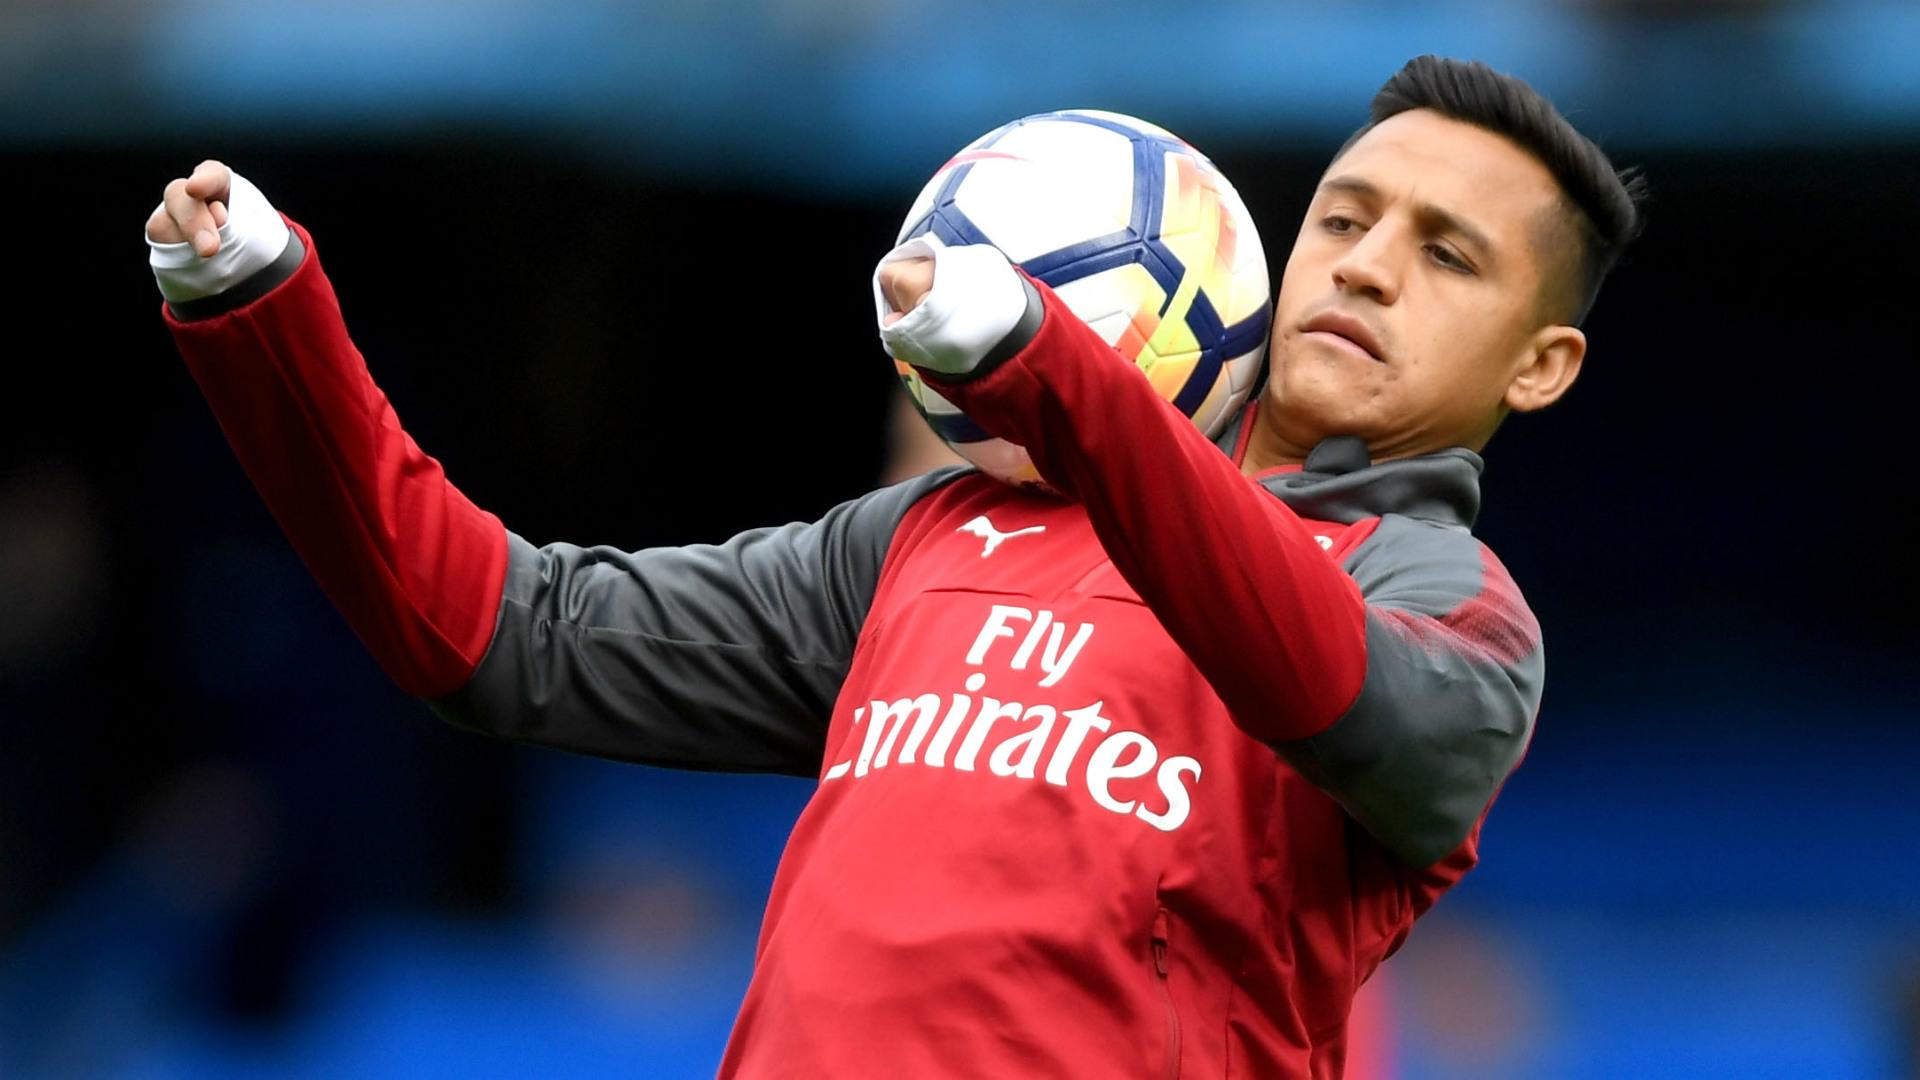 Muốn có Sanchez sớm, Man Utd phải chi thêm 10 triệu bảng cho đại diện - Bóng Đá